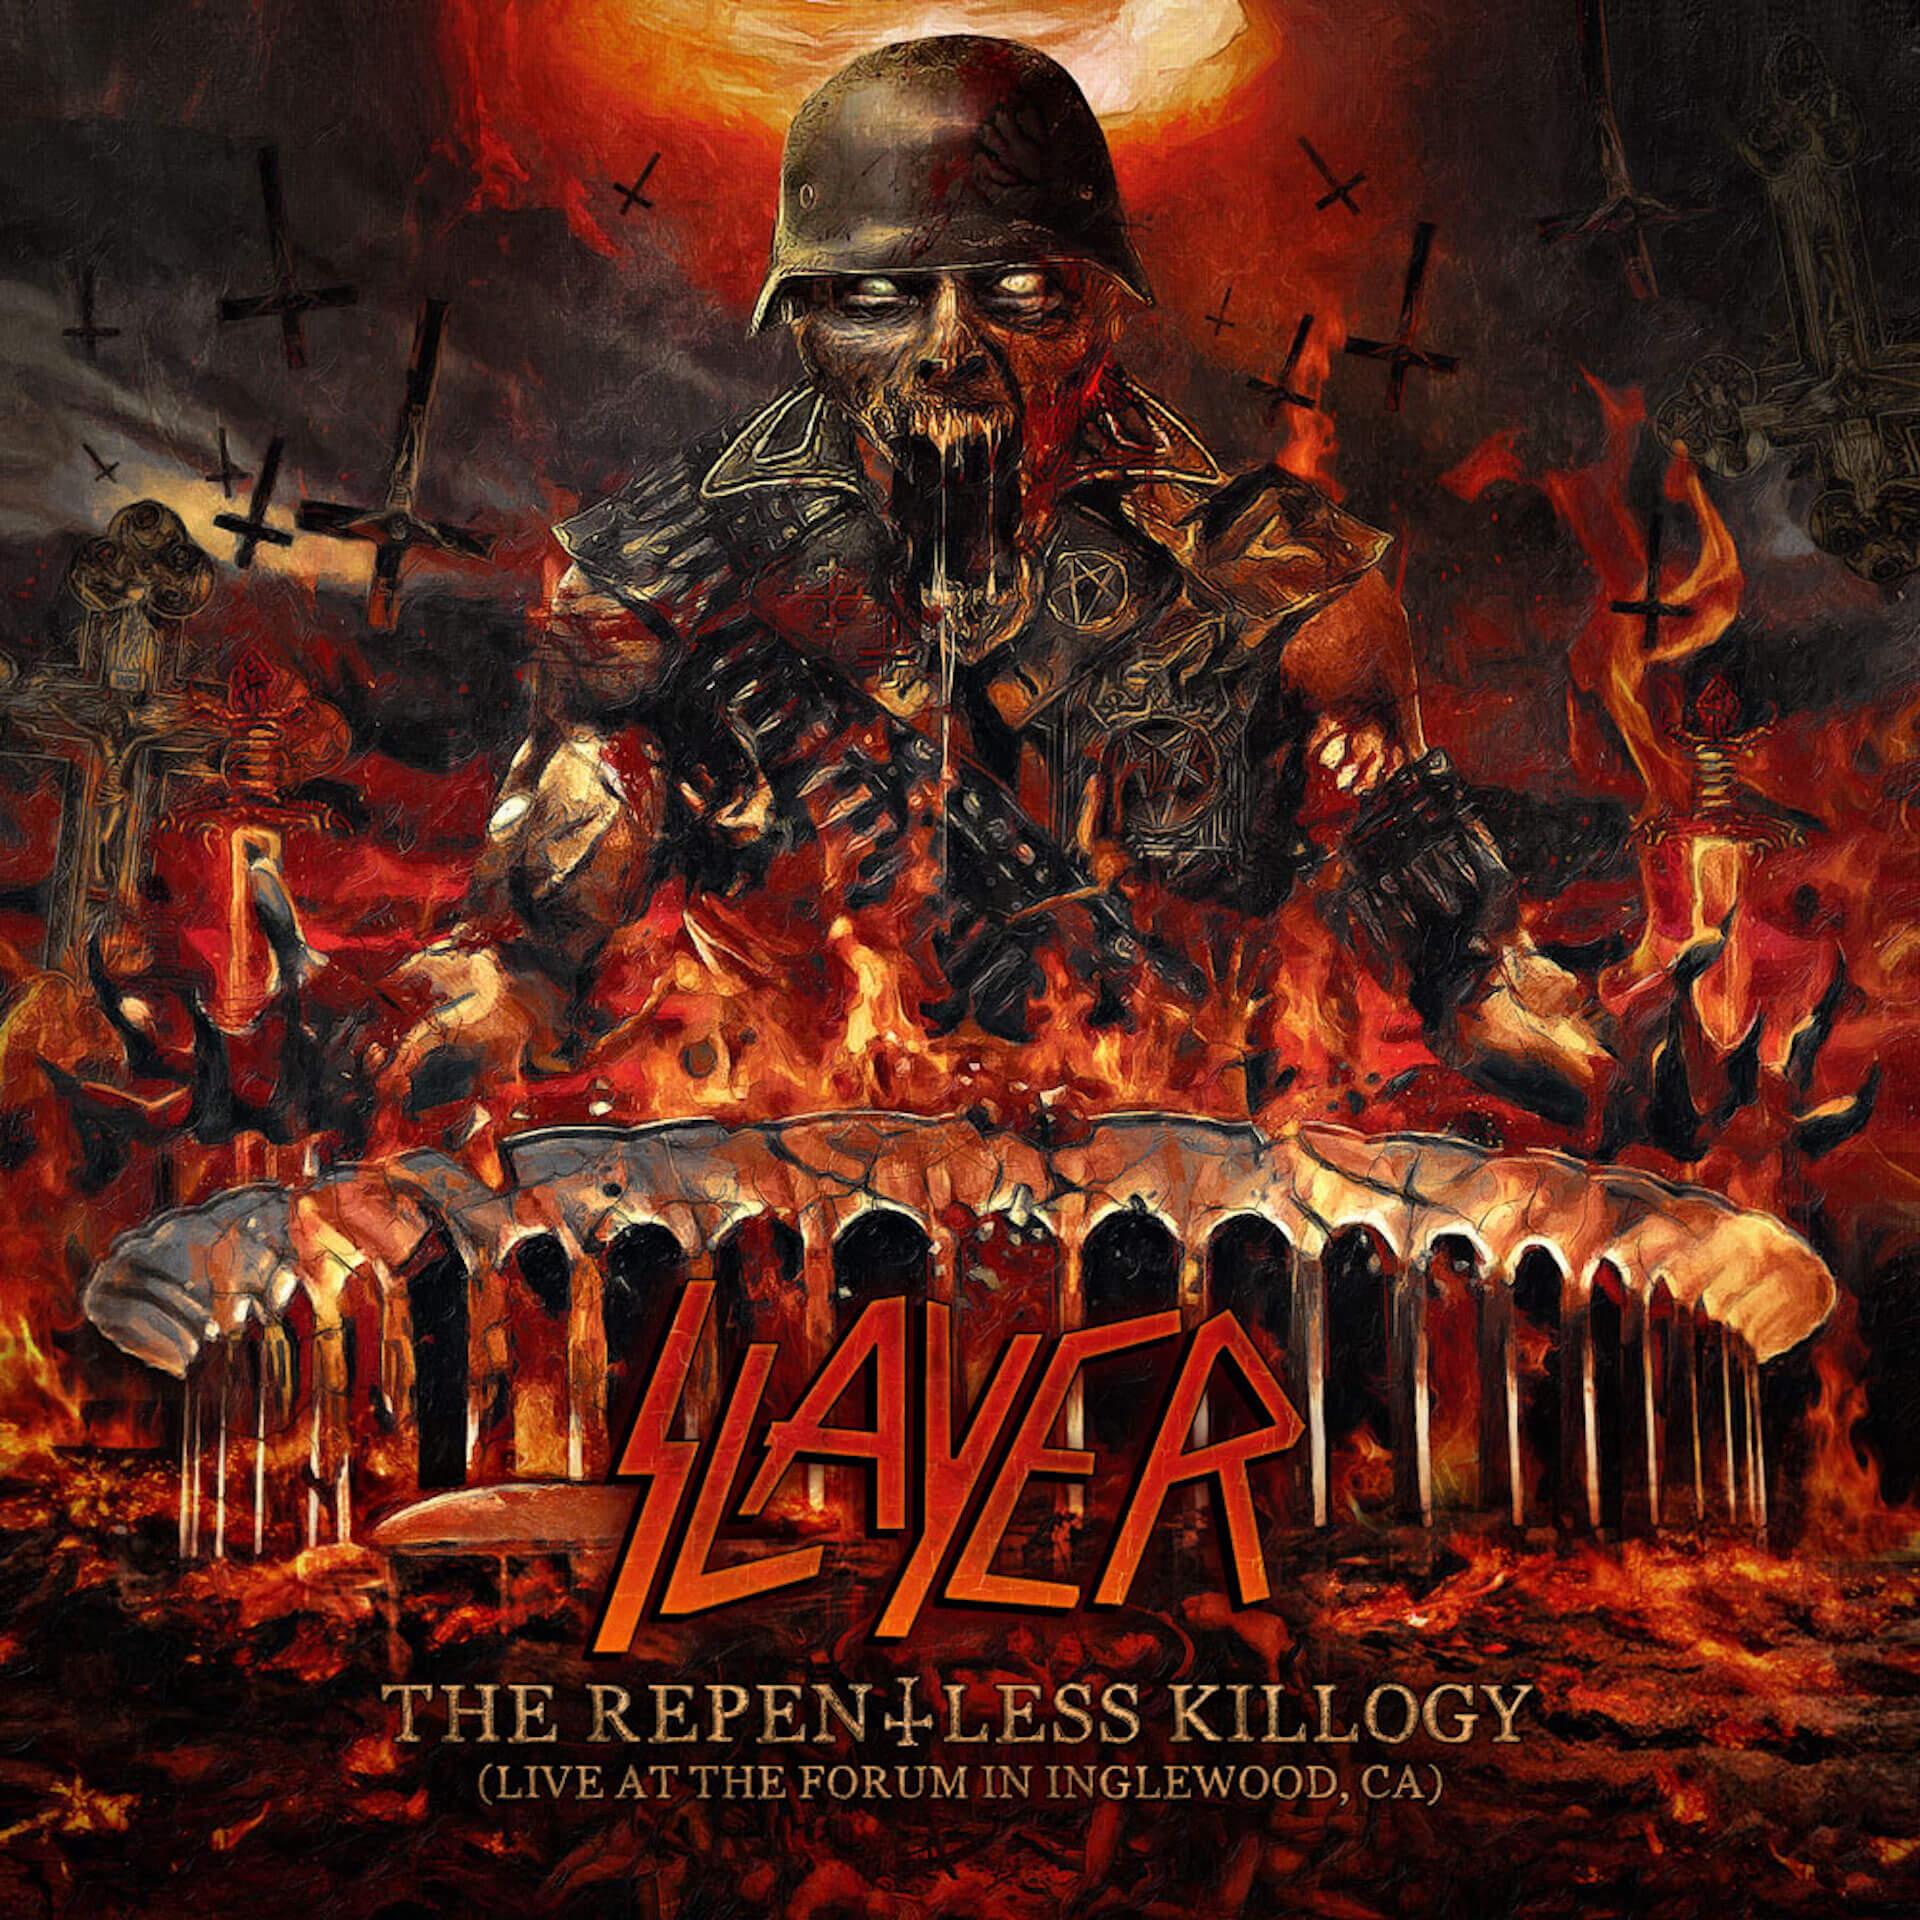 【チケプレ!】スレイヤーの轟音上映会でヘッドバンギング!ライブ・フィルム『SLAYER:THE REPENTLESS KILLOGY』のZepp上映会に計10組20名様をご招待! film191225_slayer_film_8